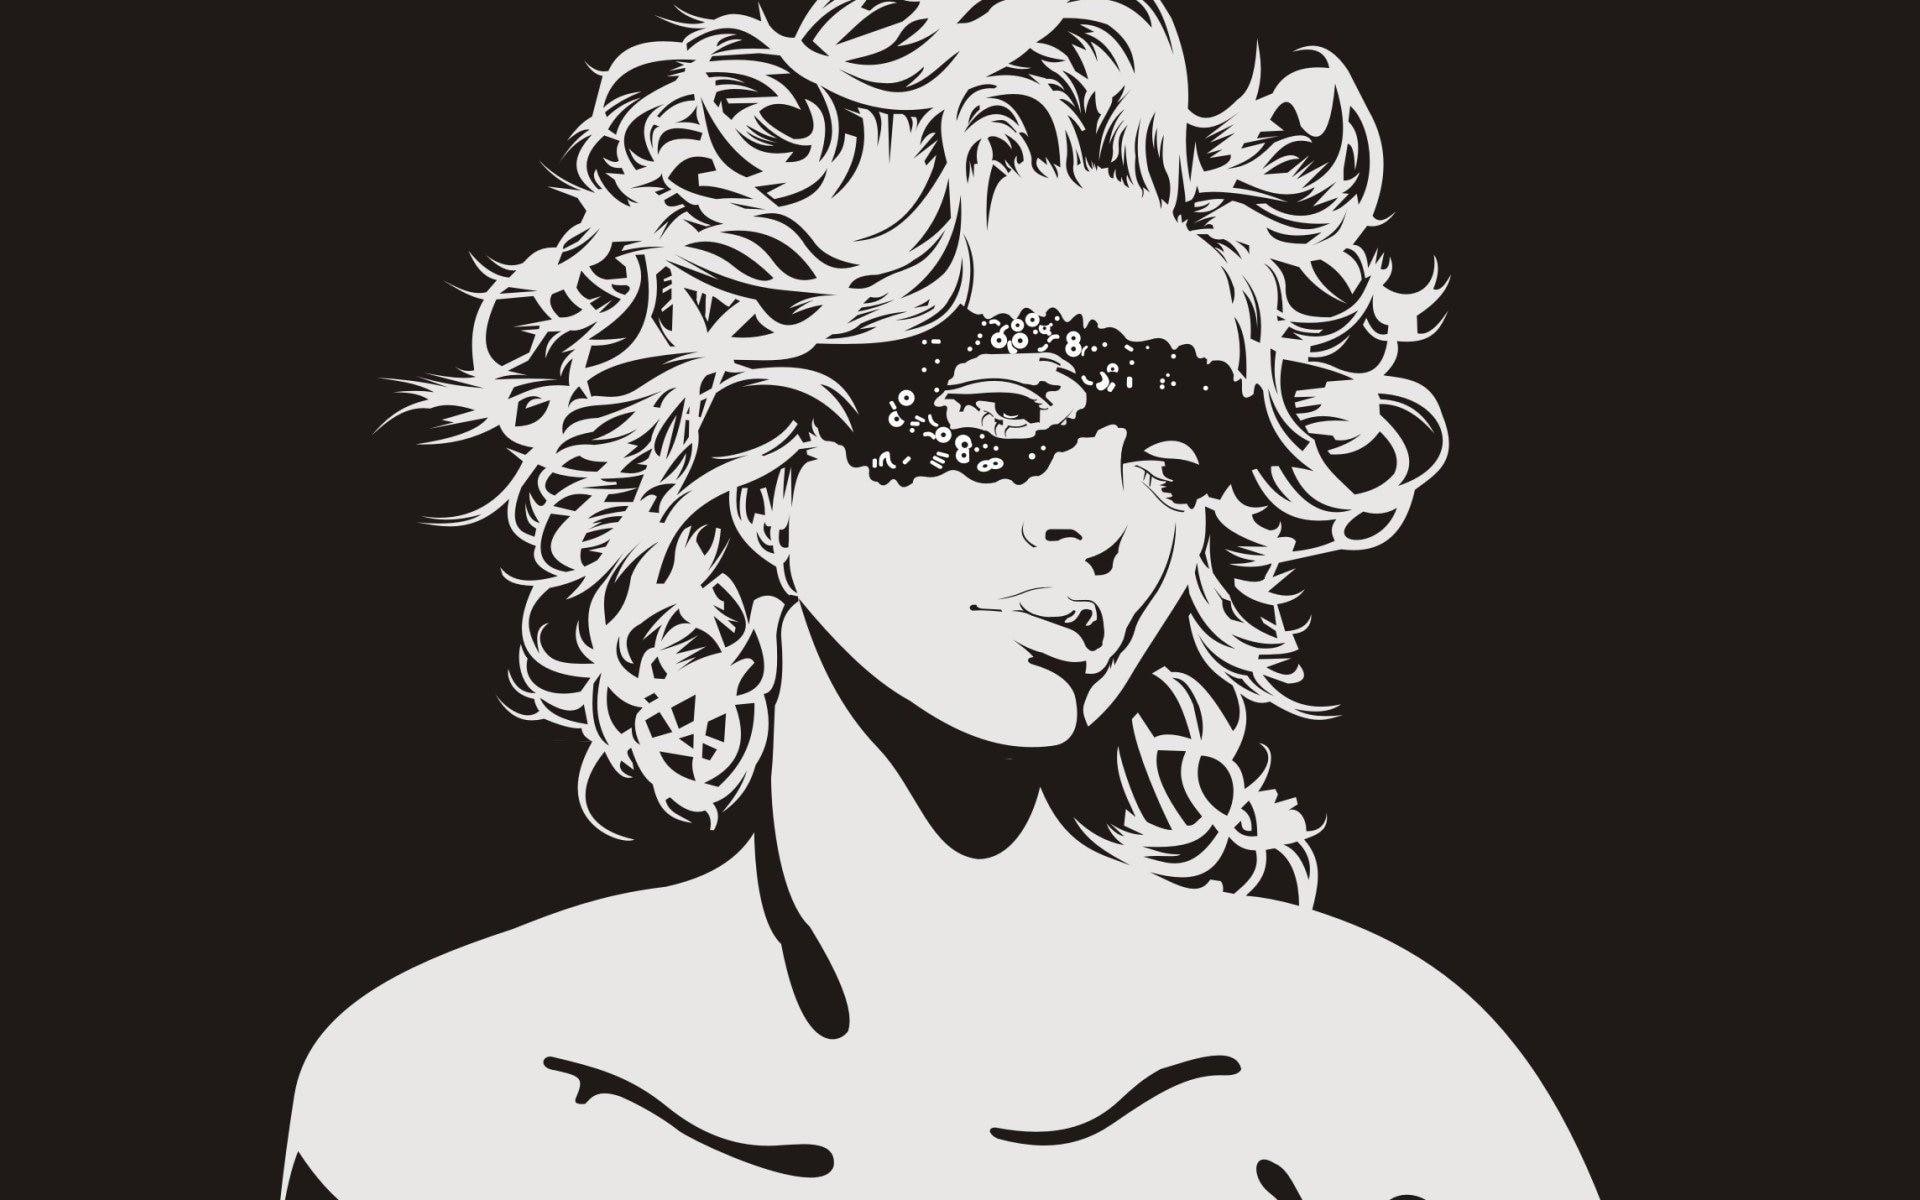 Девушка Маска вектор Монохромный черный белый гостиная Главная Wall Art декор деревянной ...